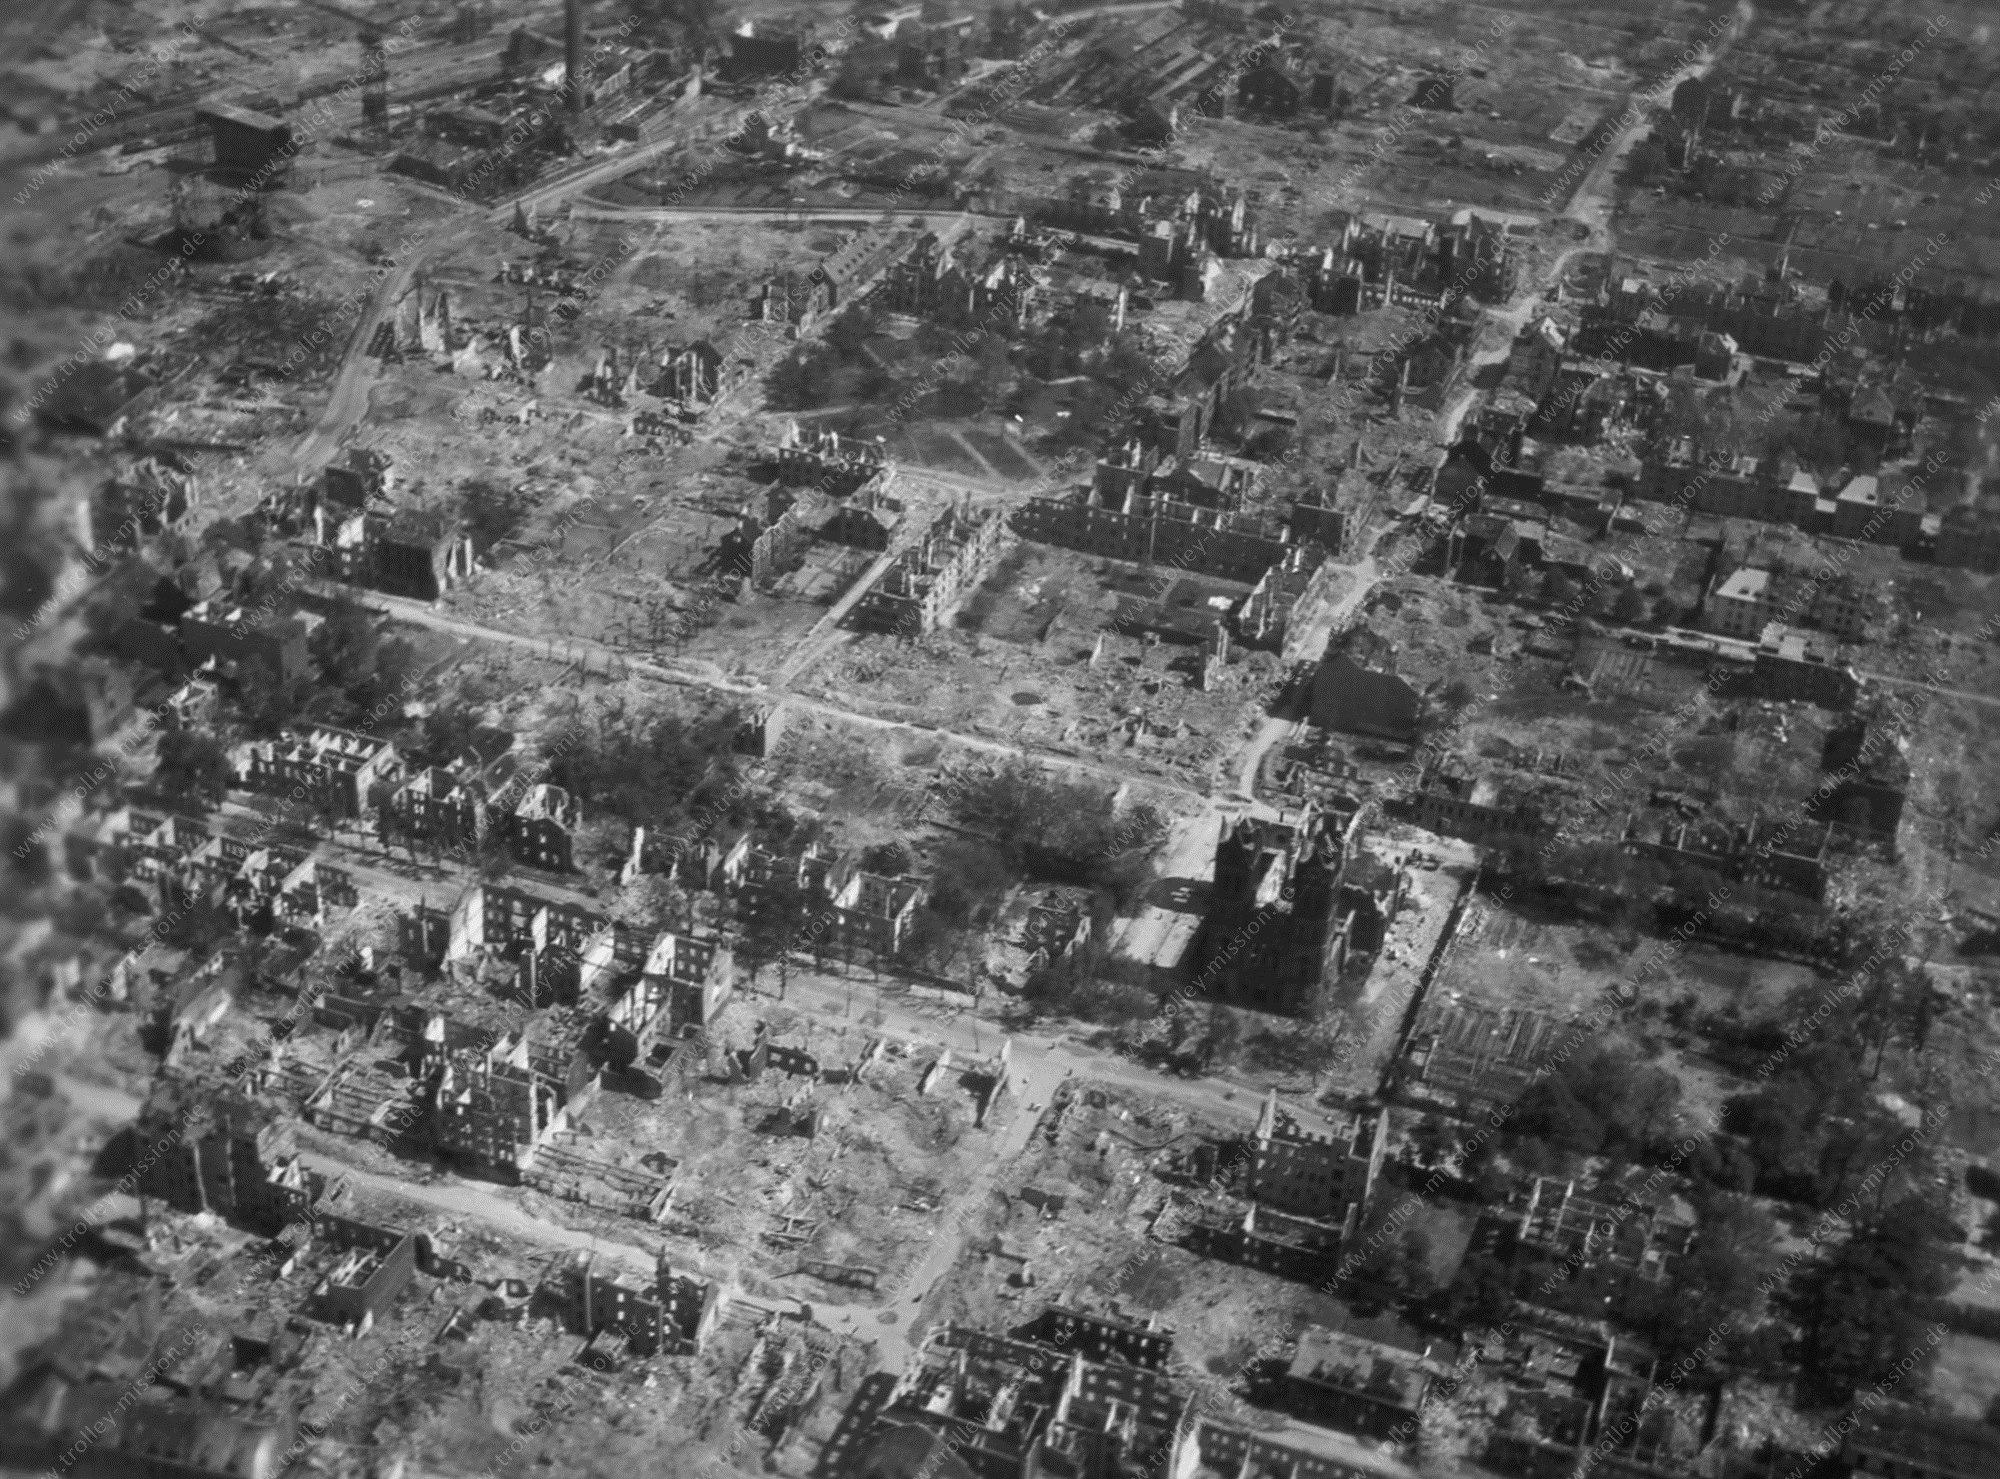 St. Joseph Kirche sowie Möntingplatz in Gelsenkirchen - Luftbild aus dem Mai 1945